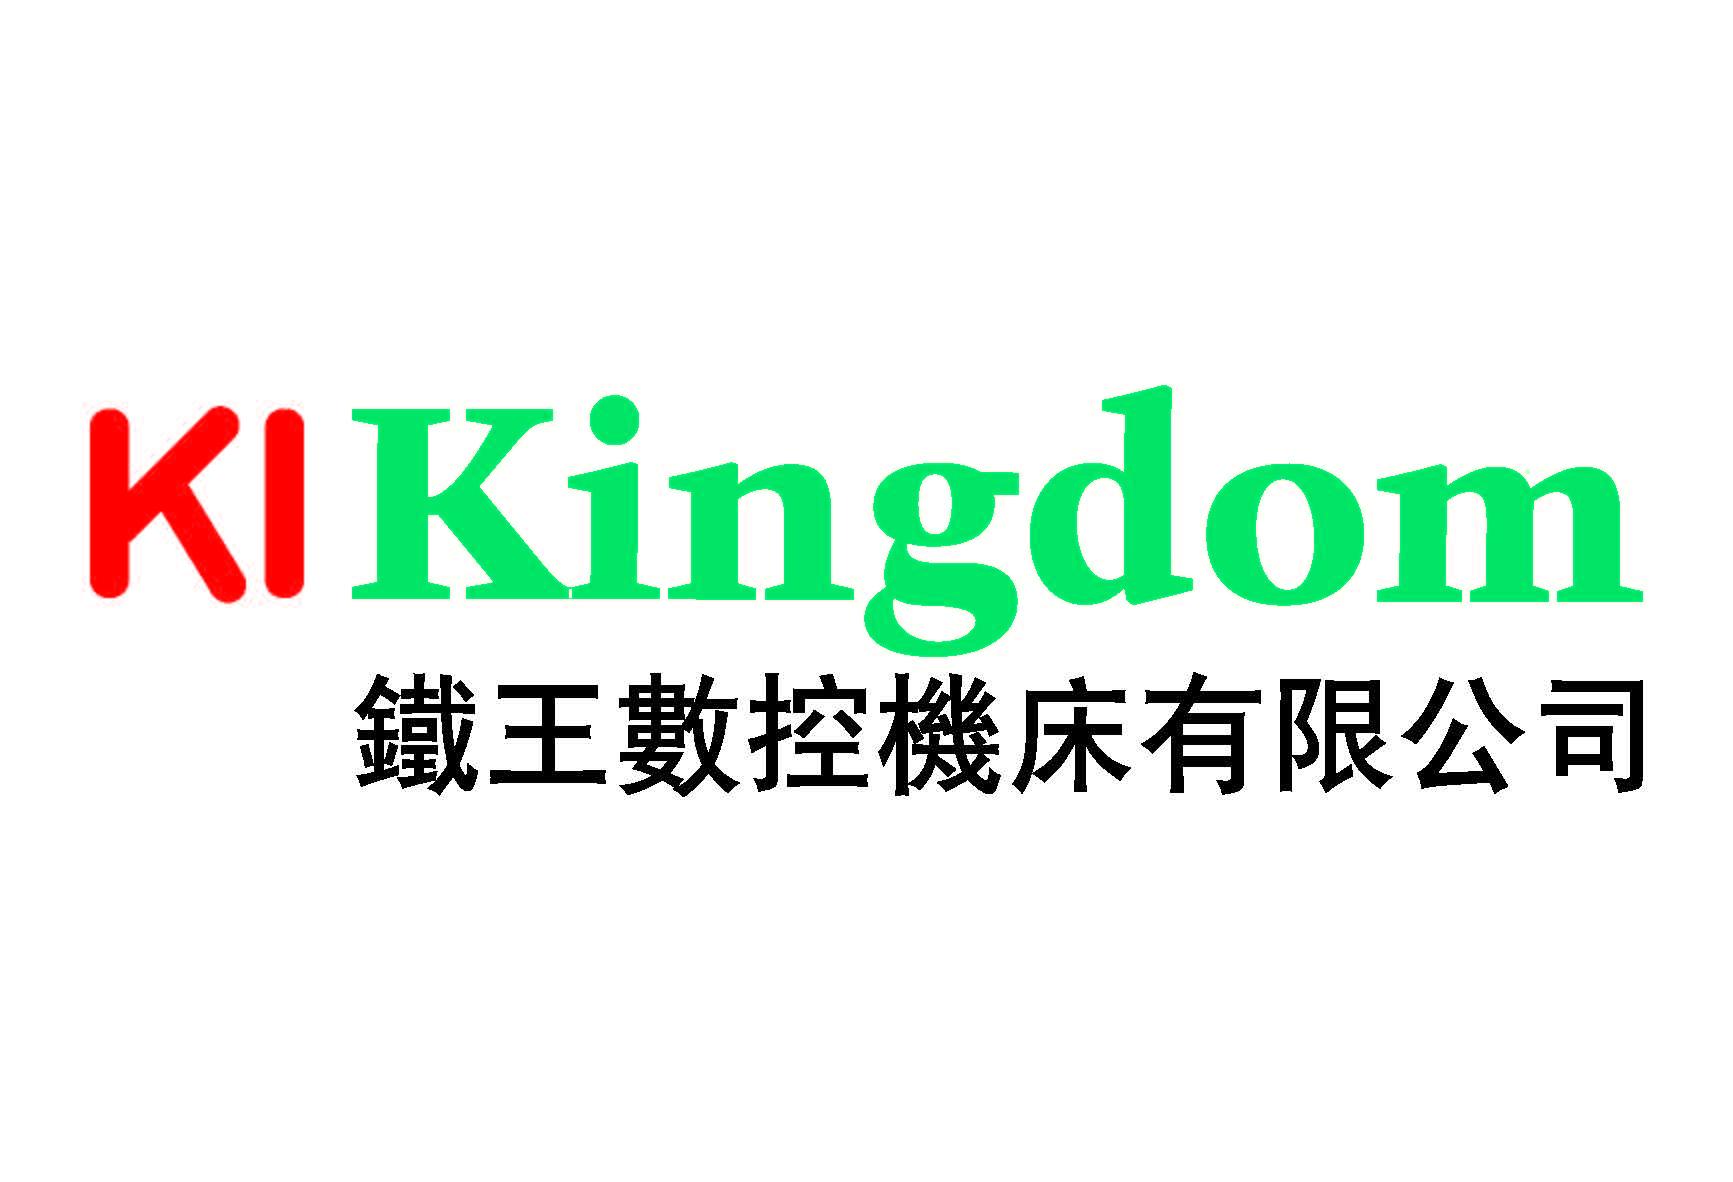 鐵王數控機床(蘇州)有限公司